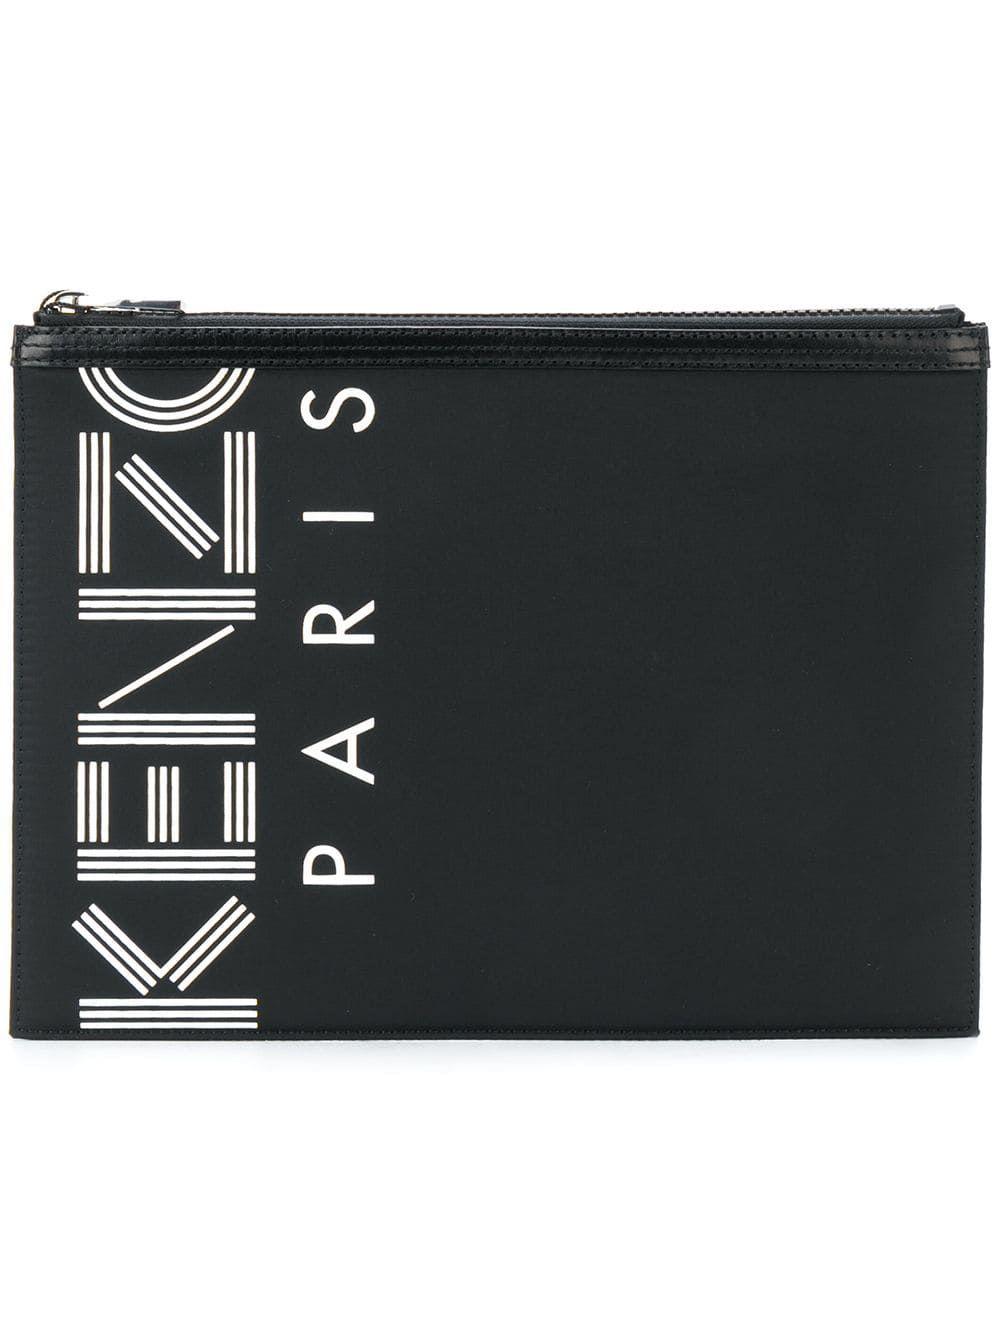 cca2a919ca Kenzo Kenzo Paris print clutch - Black in 2019 | Products | Designer ...